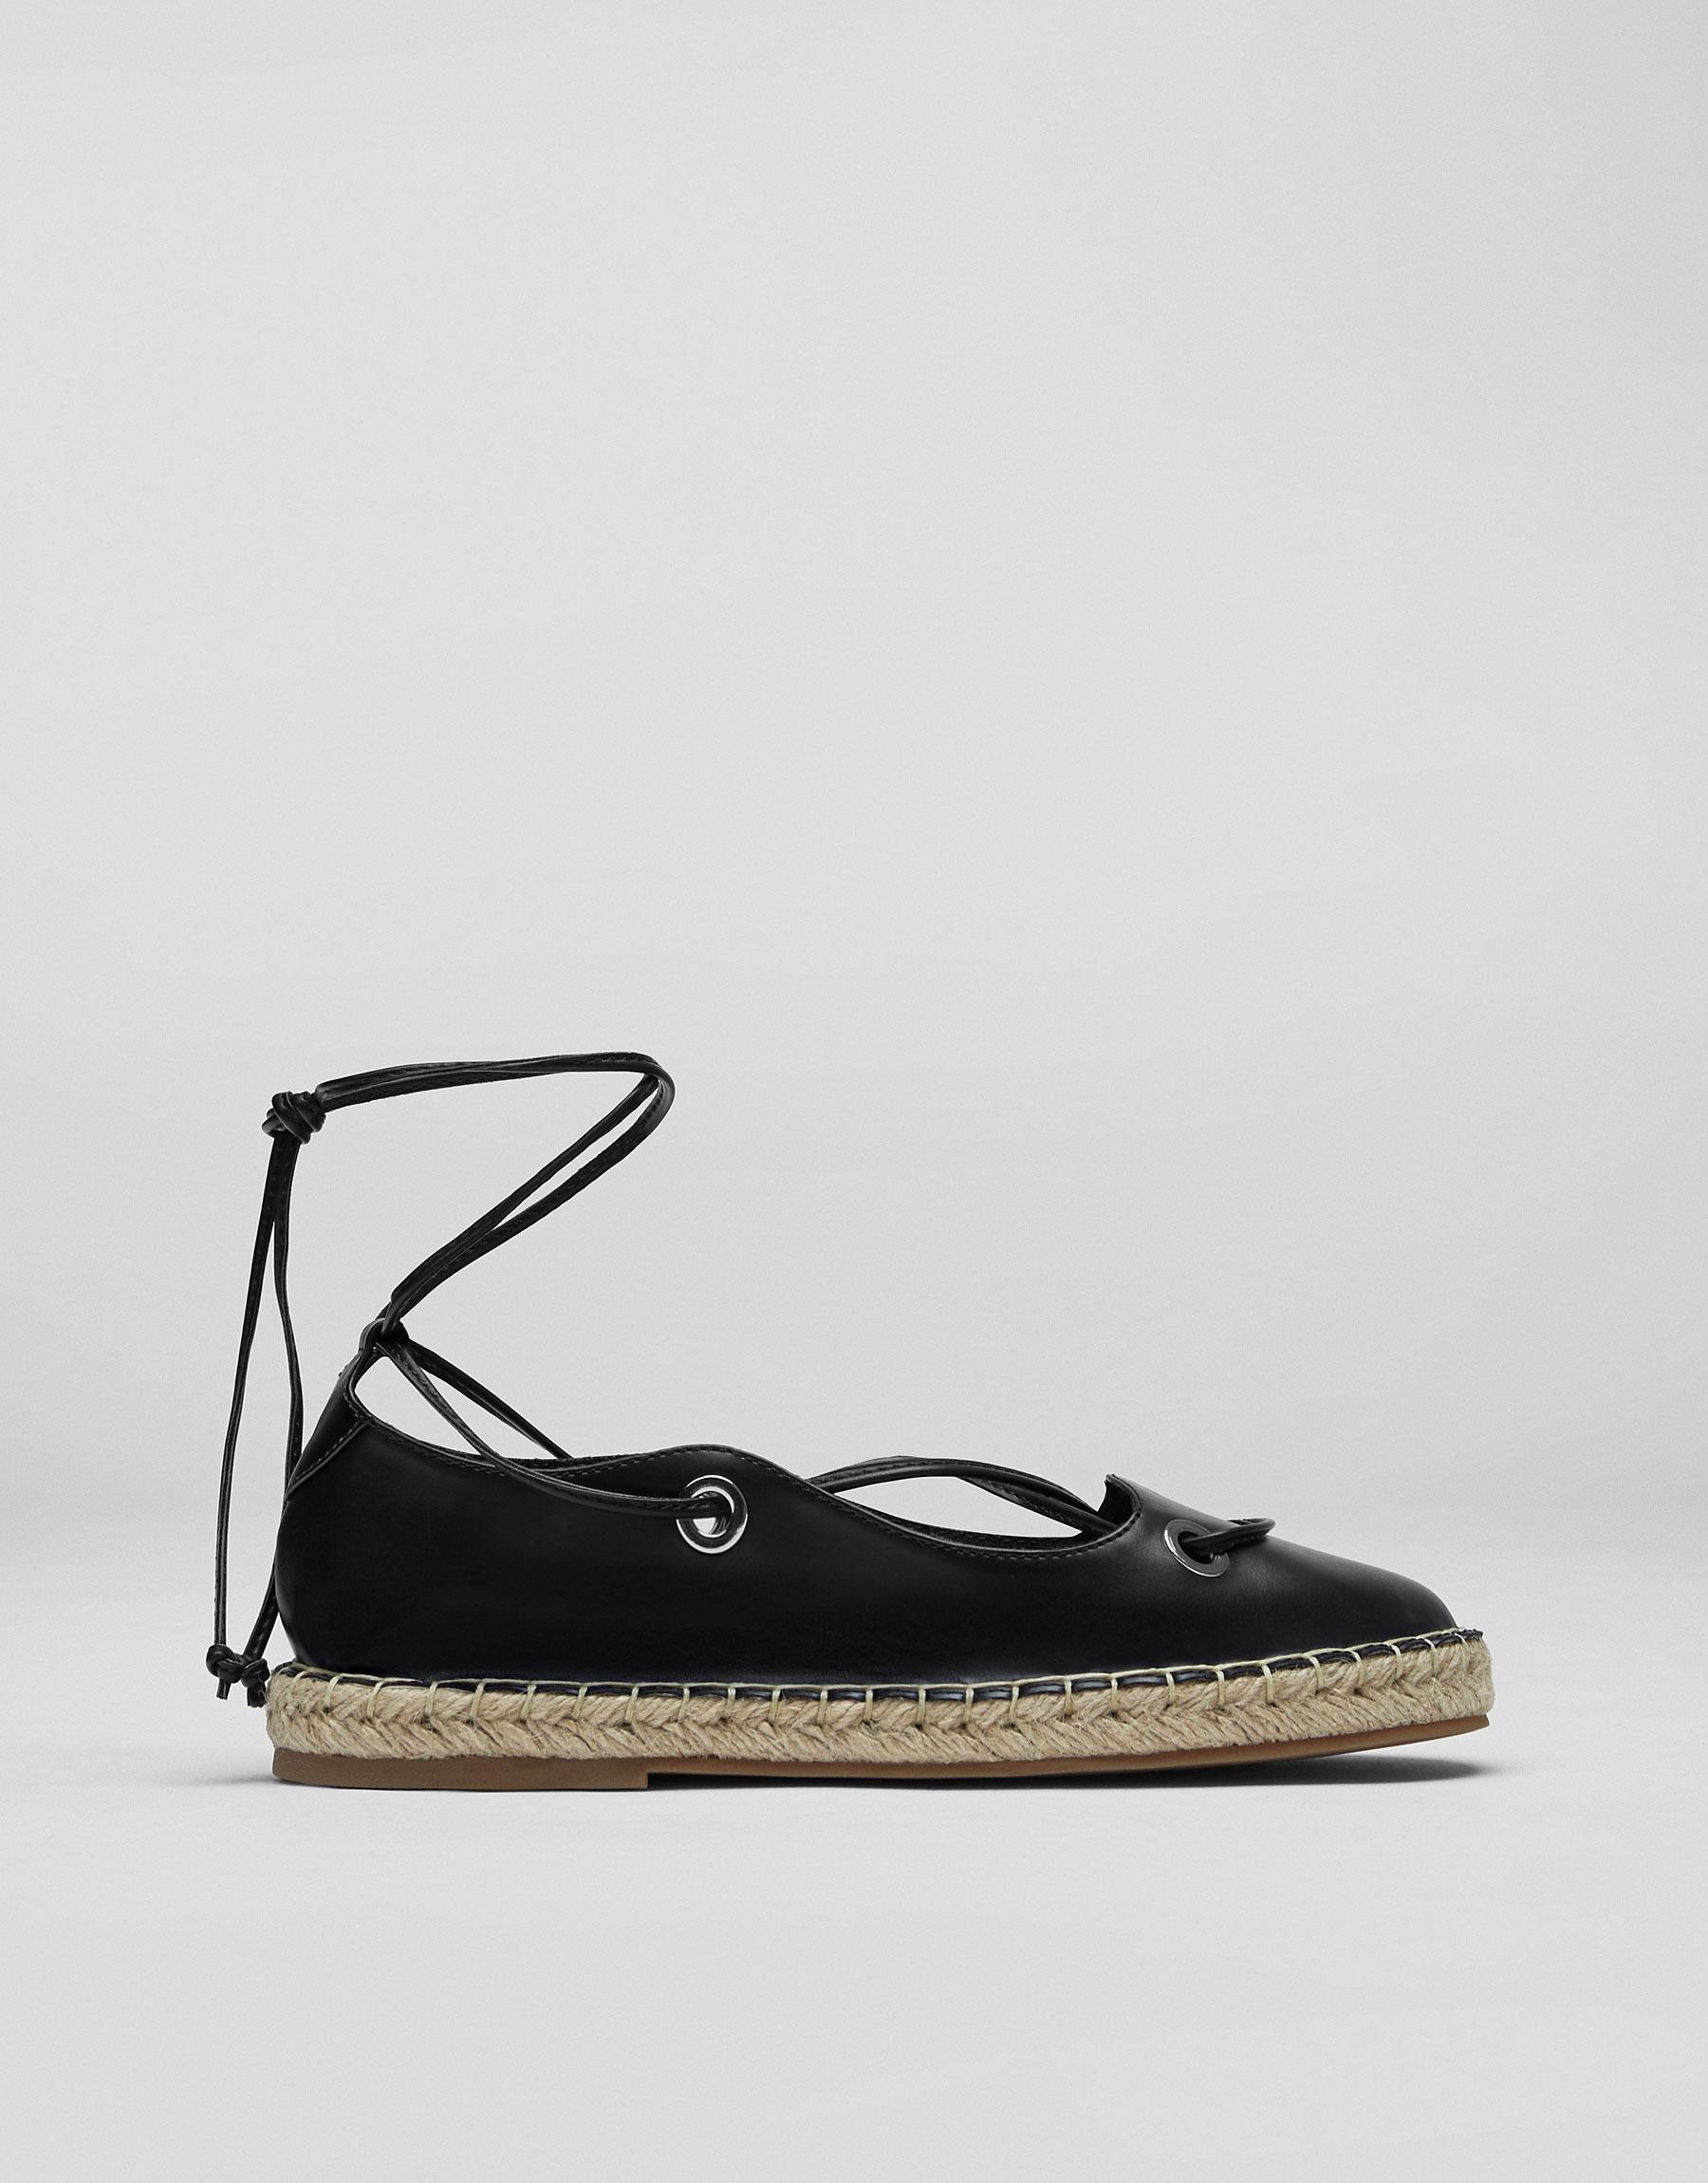 Lace-up jute shoes